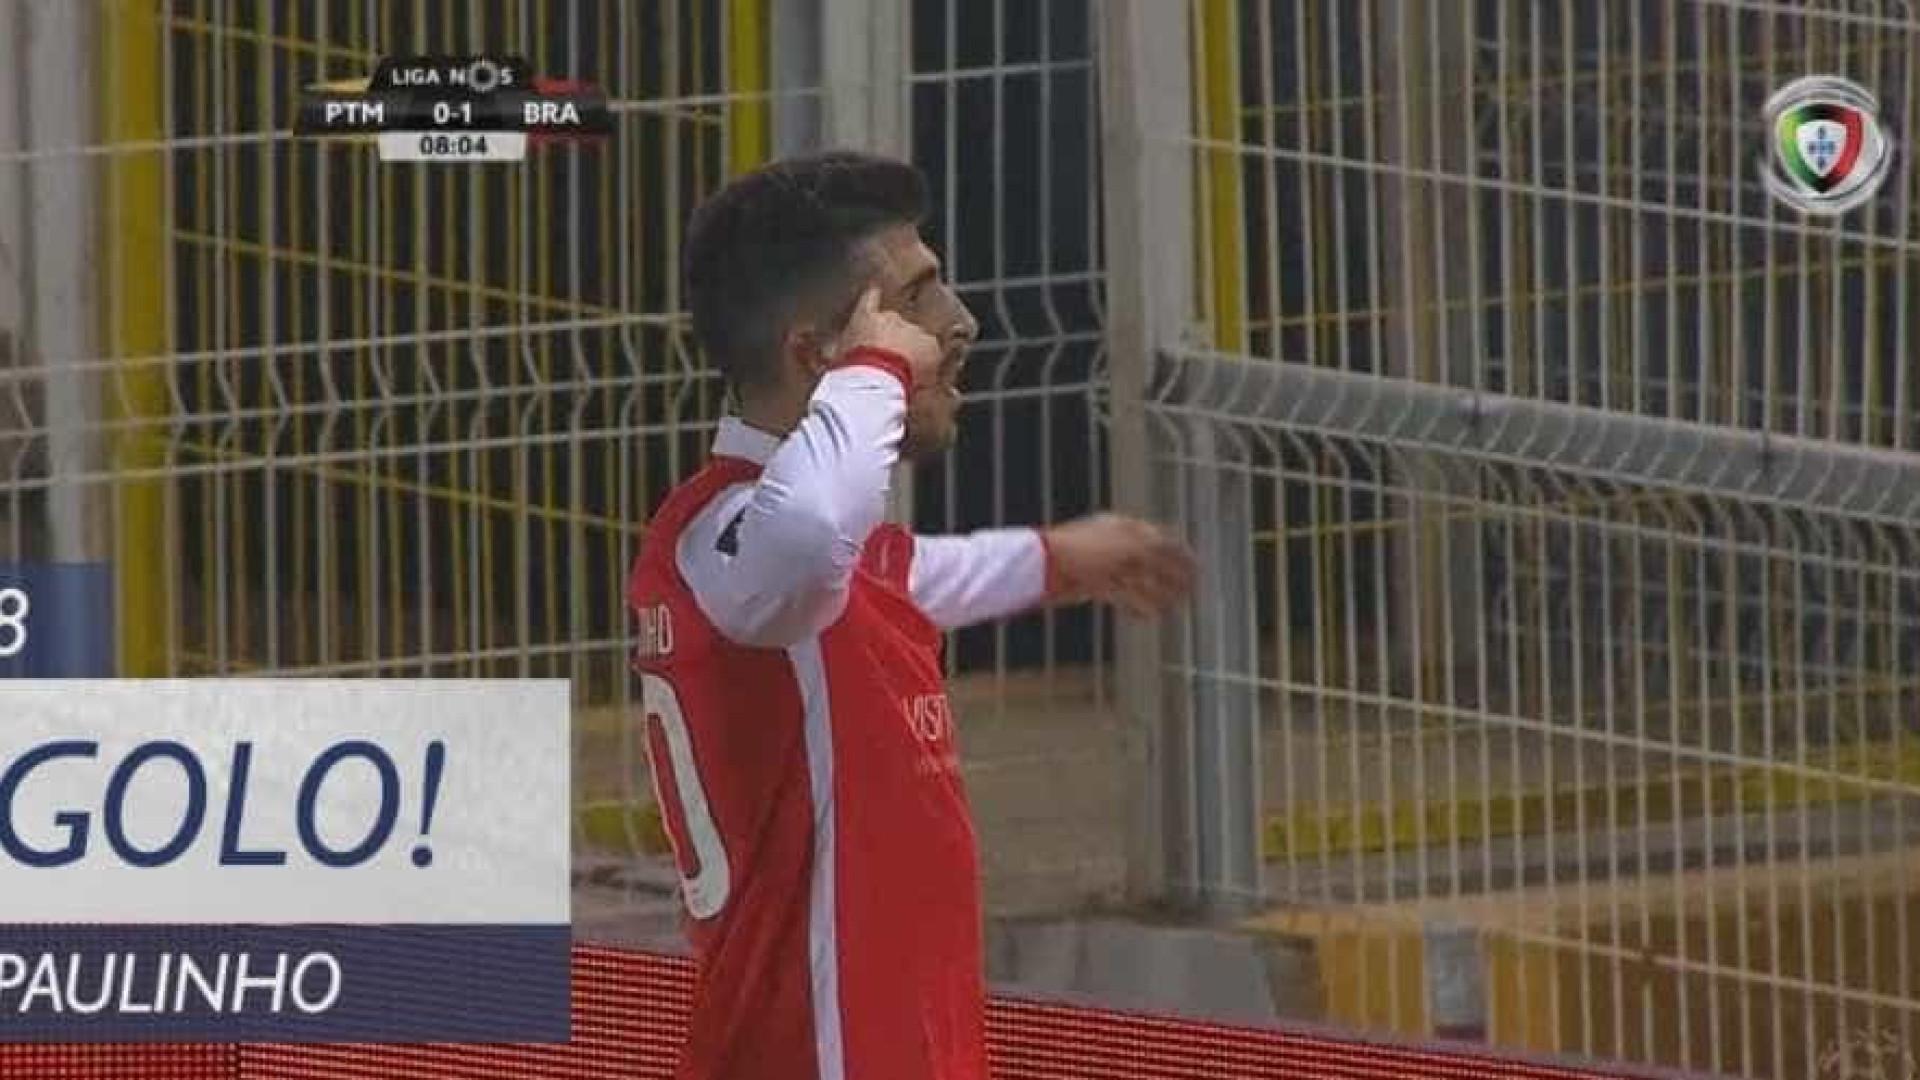 'Golaço' de Paulinho abre o ativo no Algarve